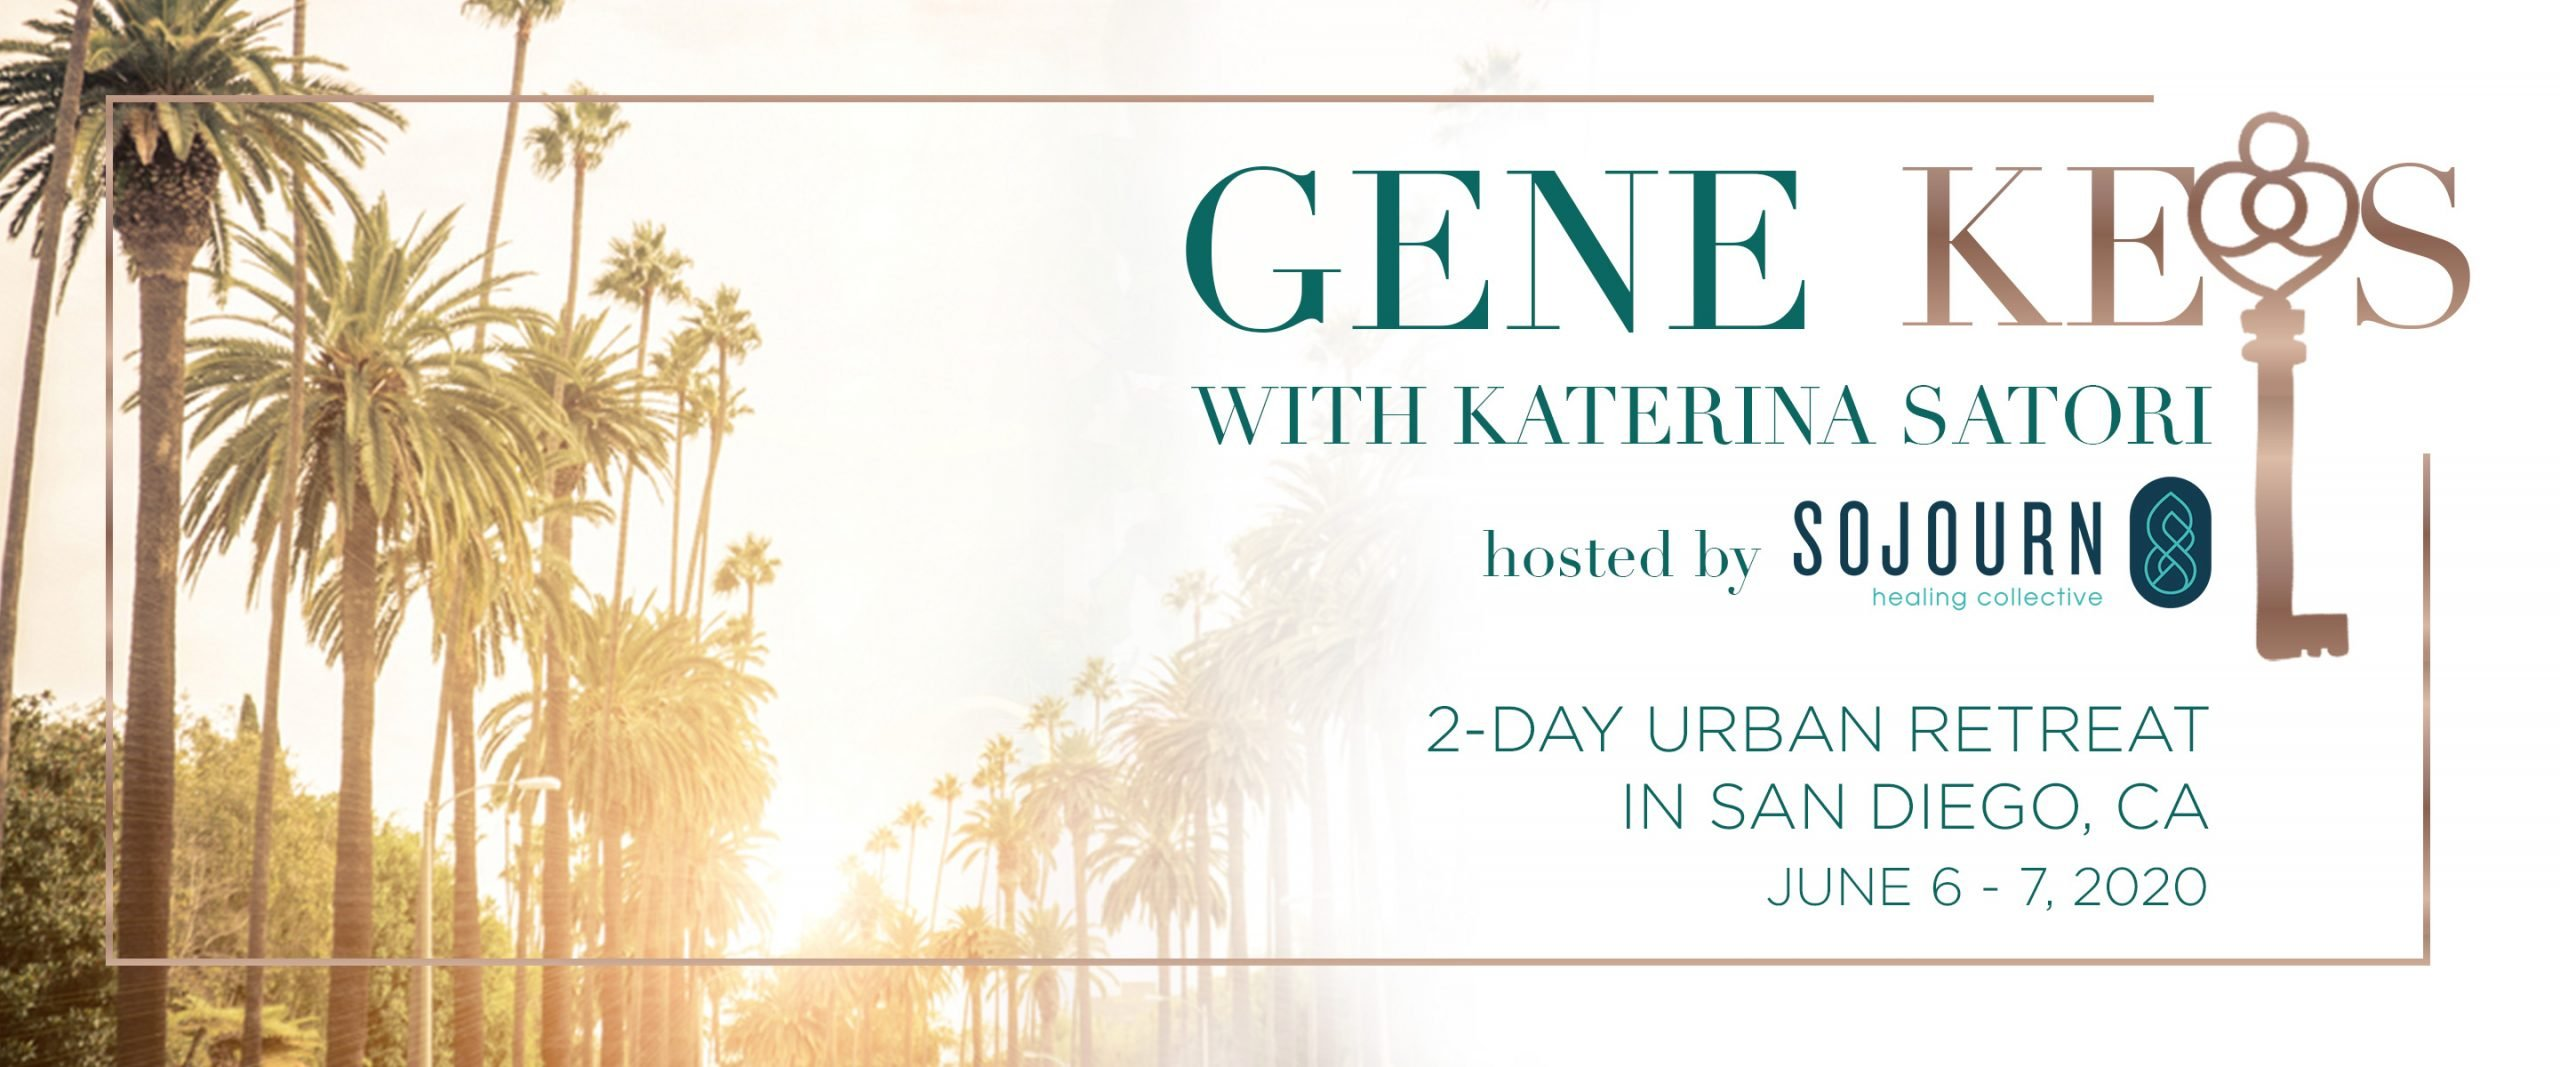 Gene Keys June 2020